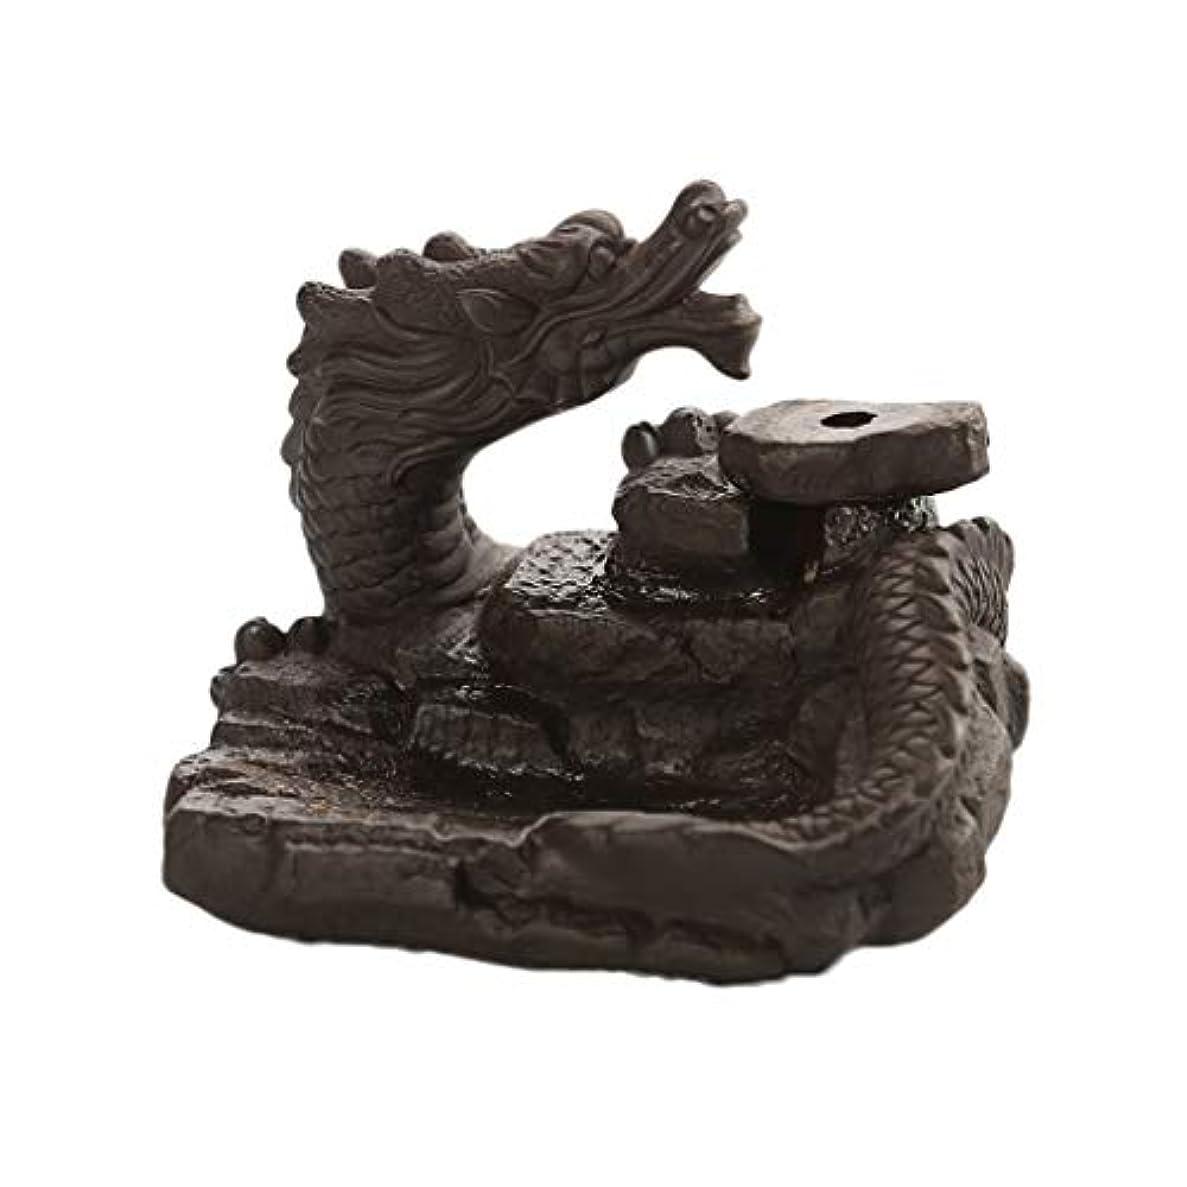 樹木うっかり計画家の装飾ドラゴン逆流還流香バーナーセラミックスティックホルダーコーンセンサー茶室飾り香炉 (Color : Black, サイズ : 3.46*3.14*2.36 inches)